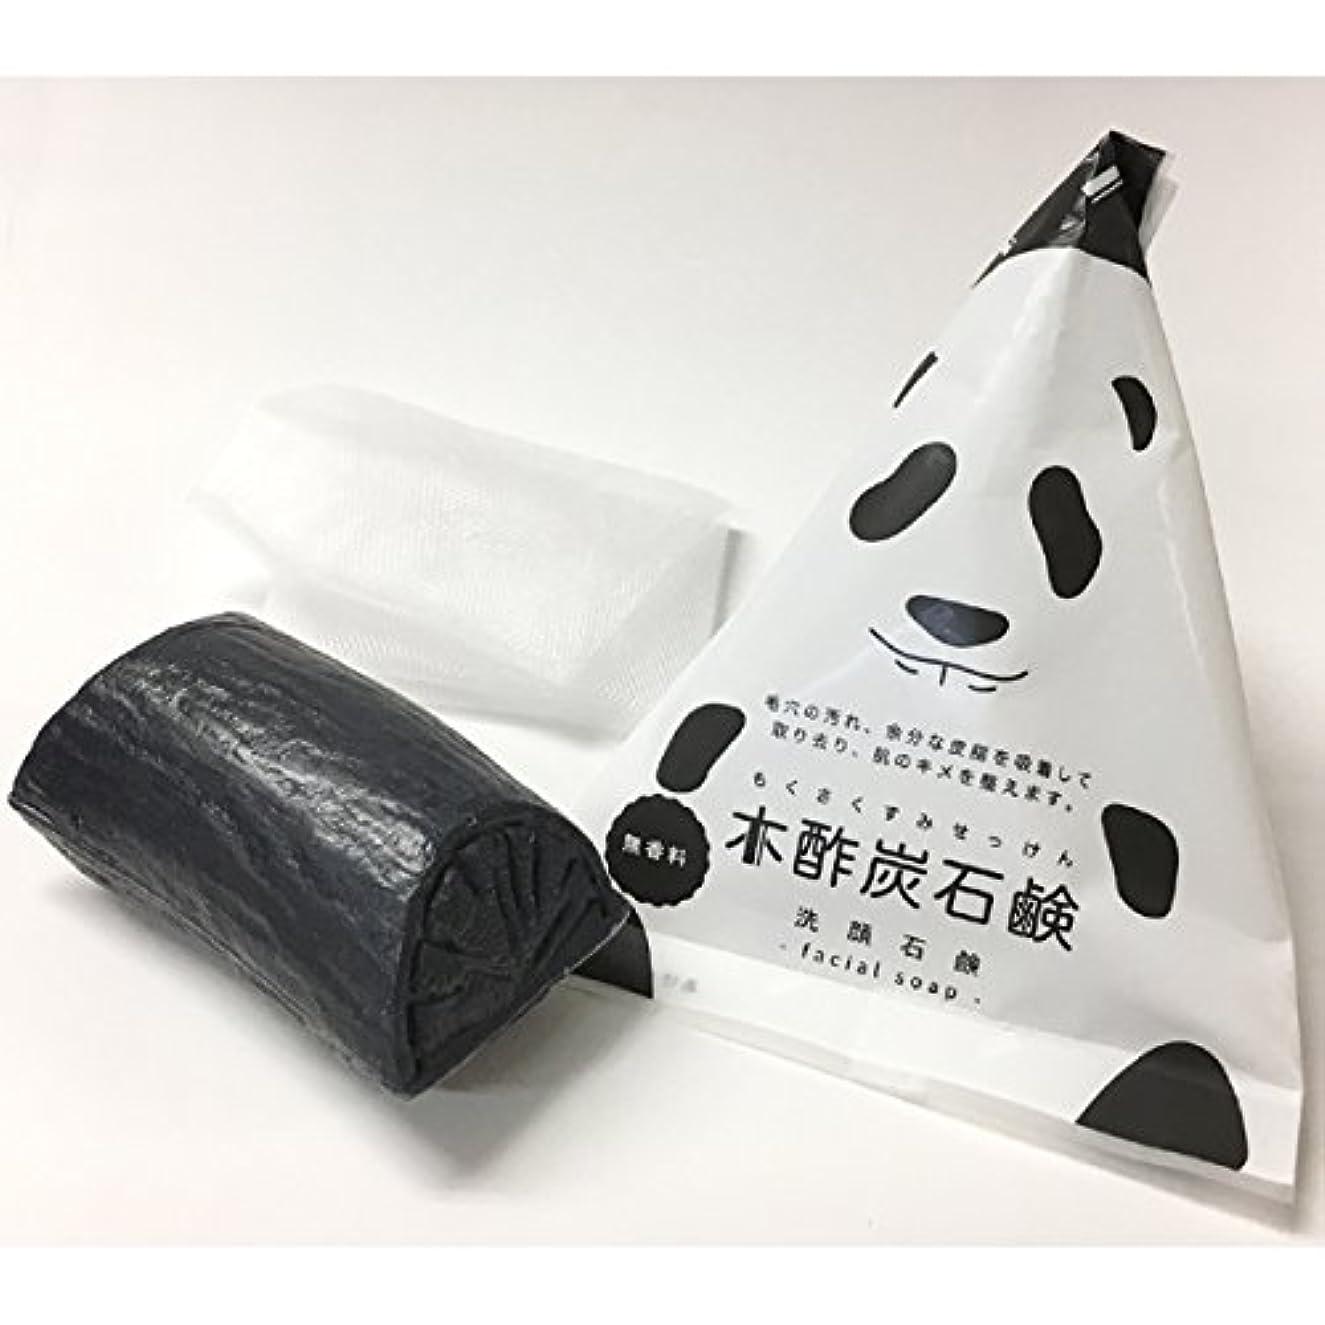 成熟した月崇拝する木酢炭泥棒石鹸120g(2個セット)